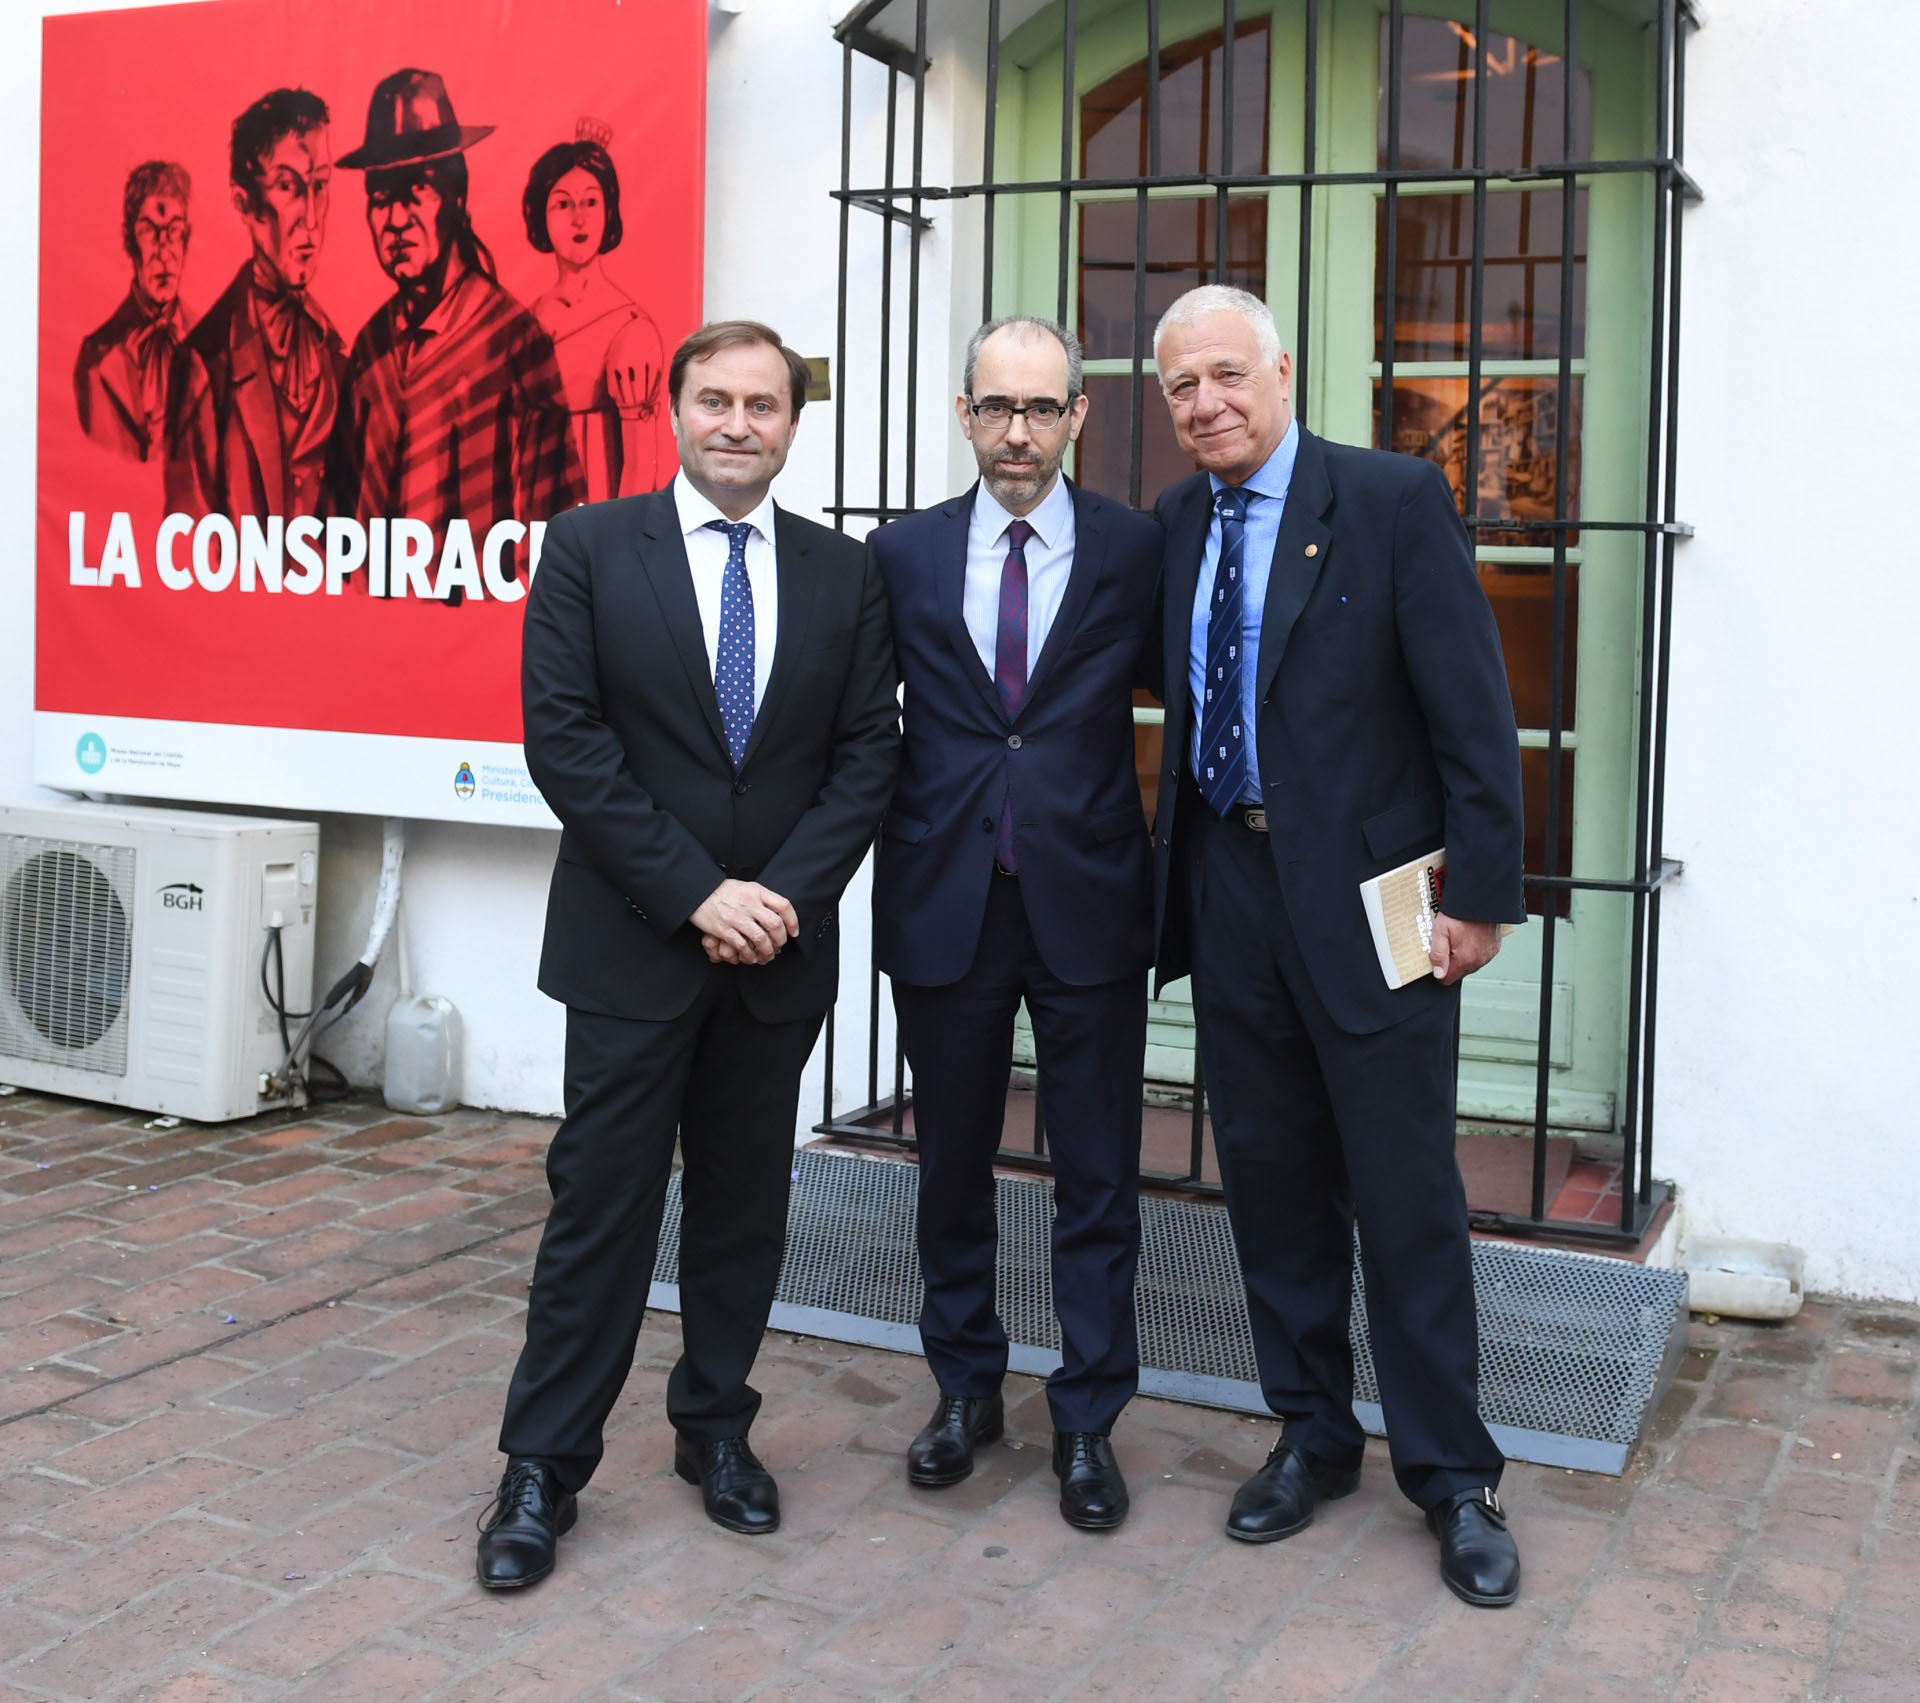 Néstor Sclauzero, Gustavo González, director periodístico de Editorial Perfil, y el dirigente y periodista Carlos Campolongo